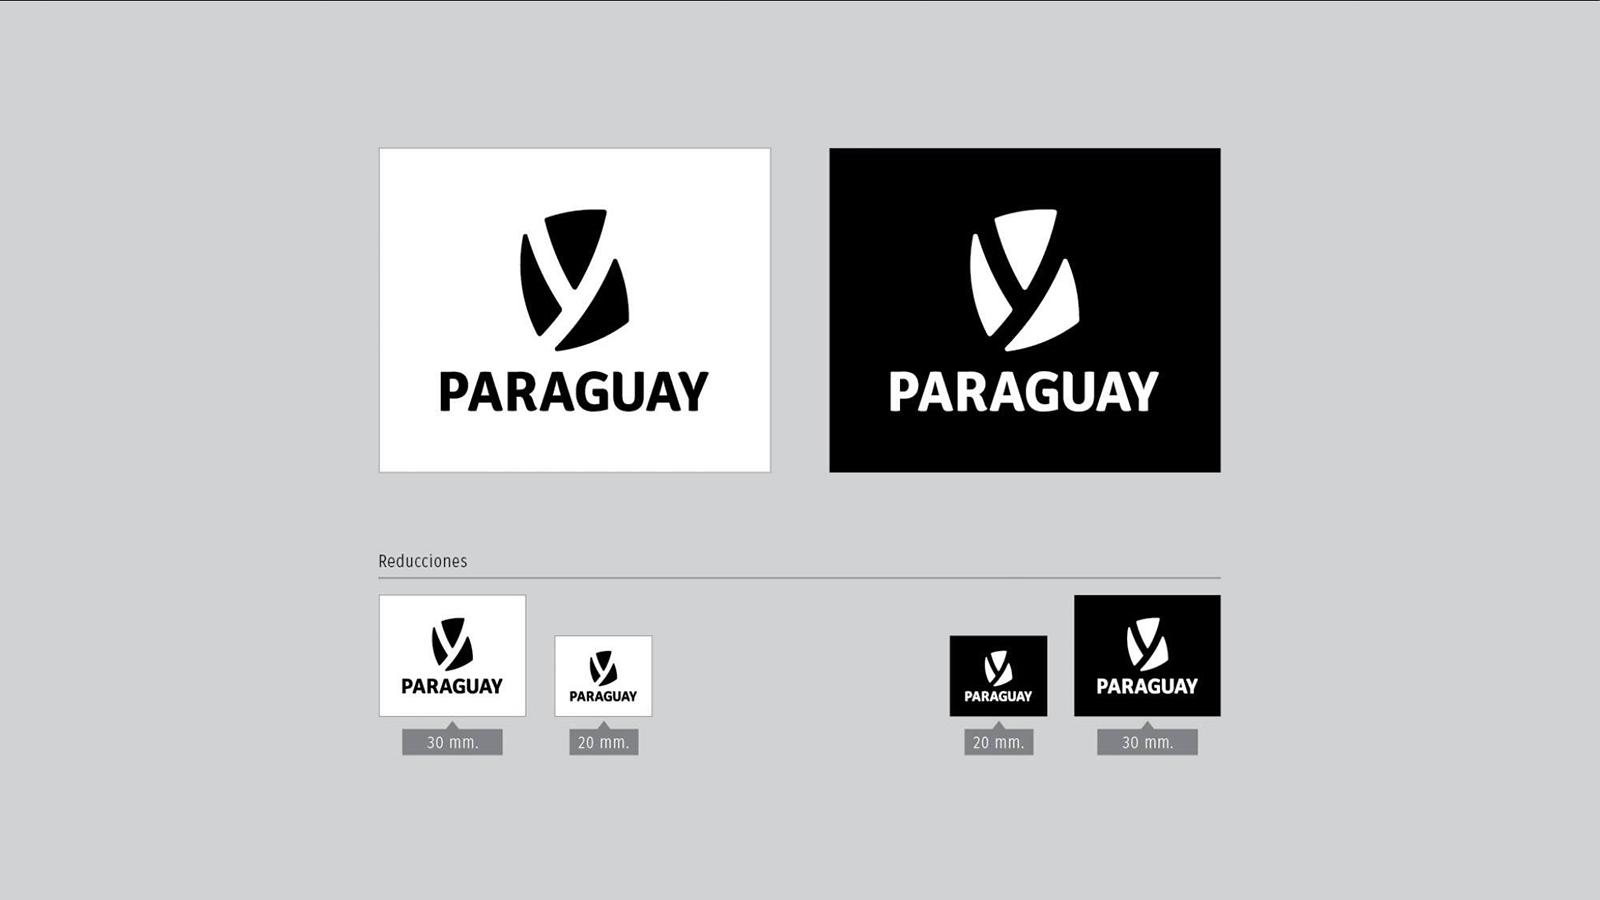 南美国家巴拉圭启用全新的国家形象并发布新的logo-深圳VI设计5